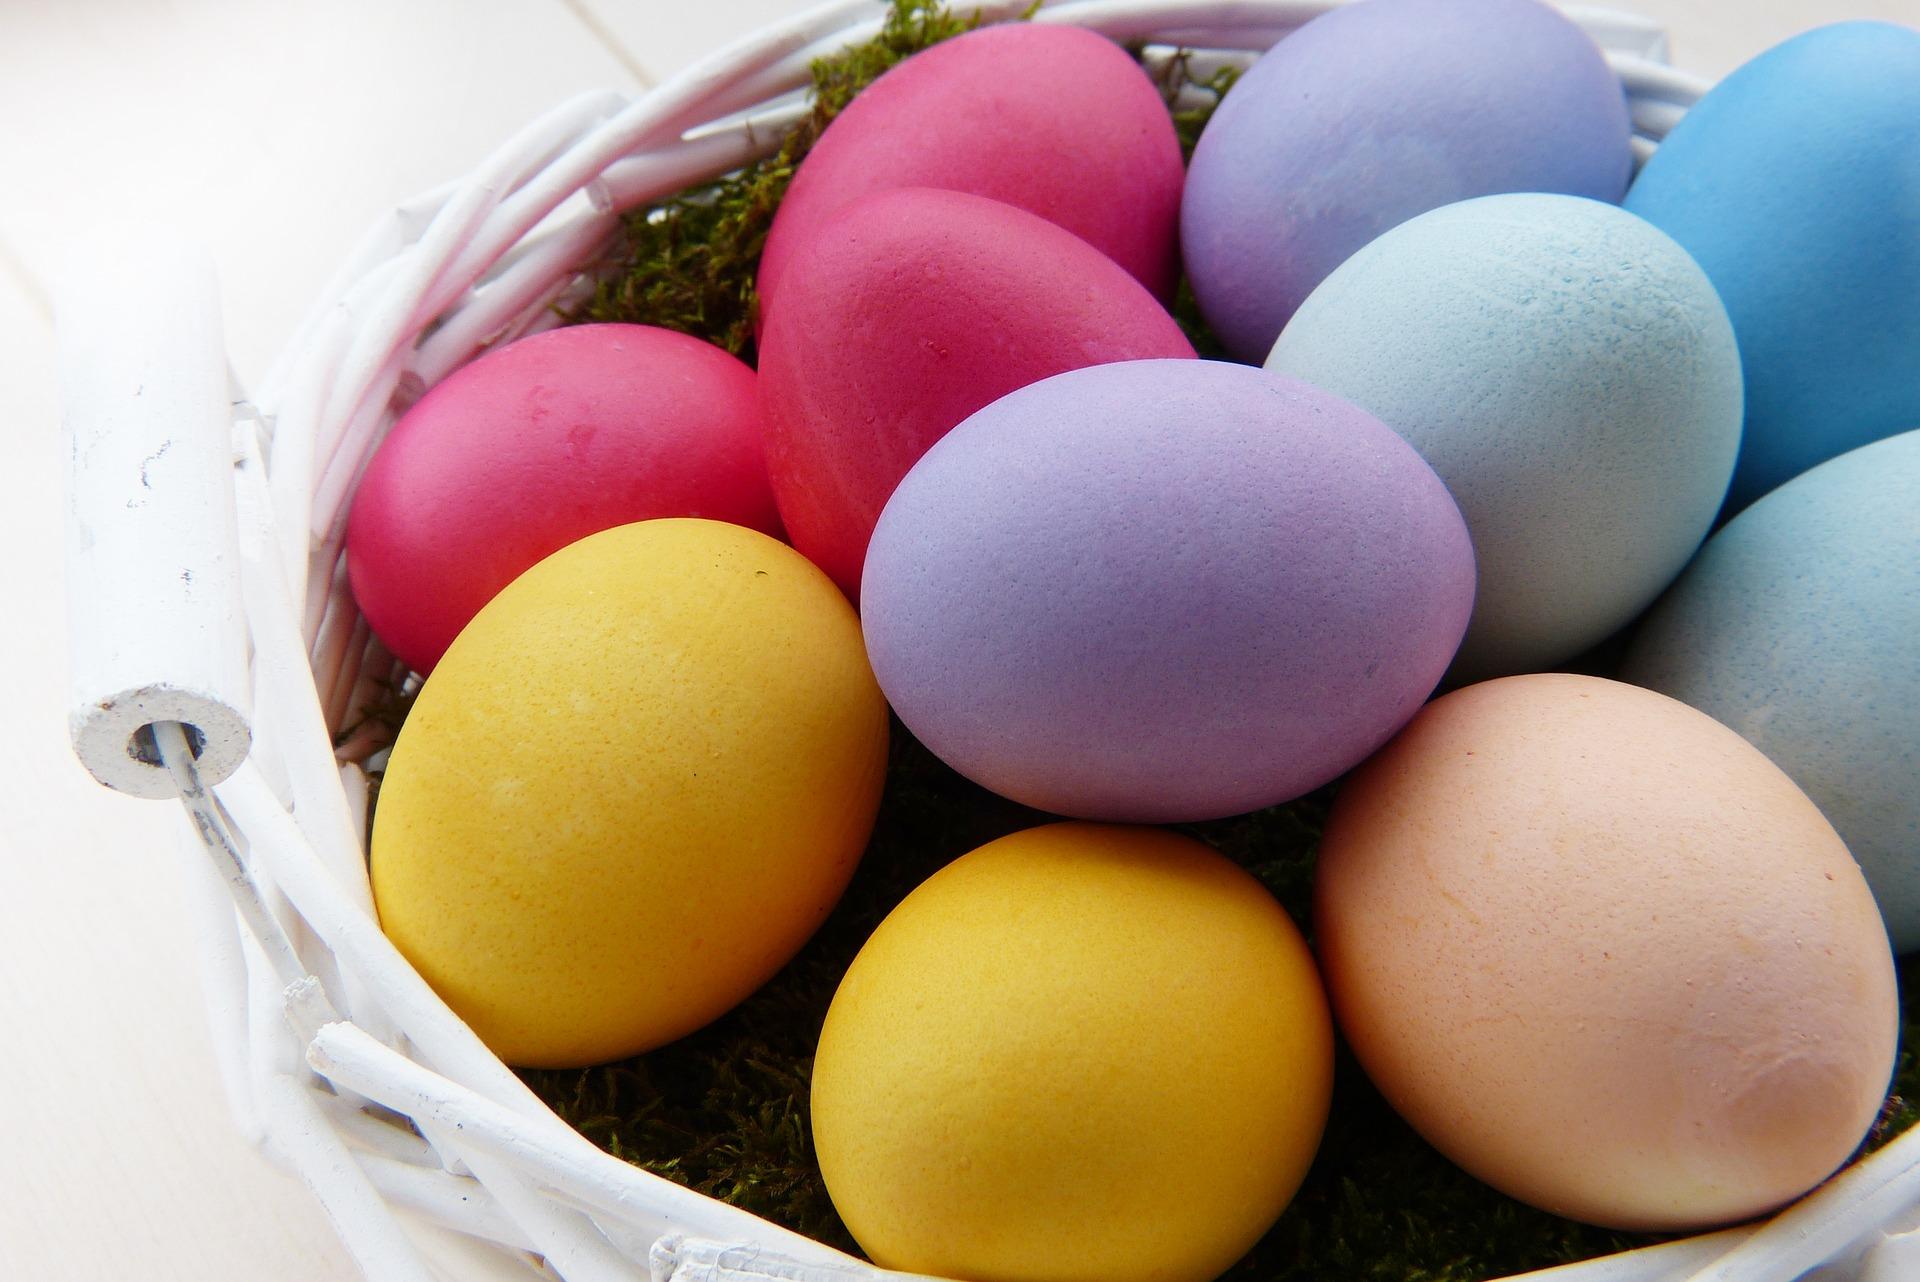 Let your little ones enjoy a fun-filled Easter egg hunt!